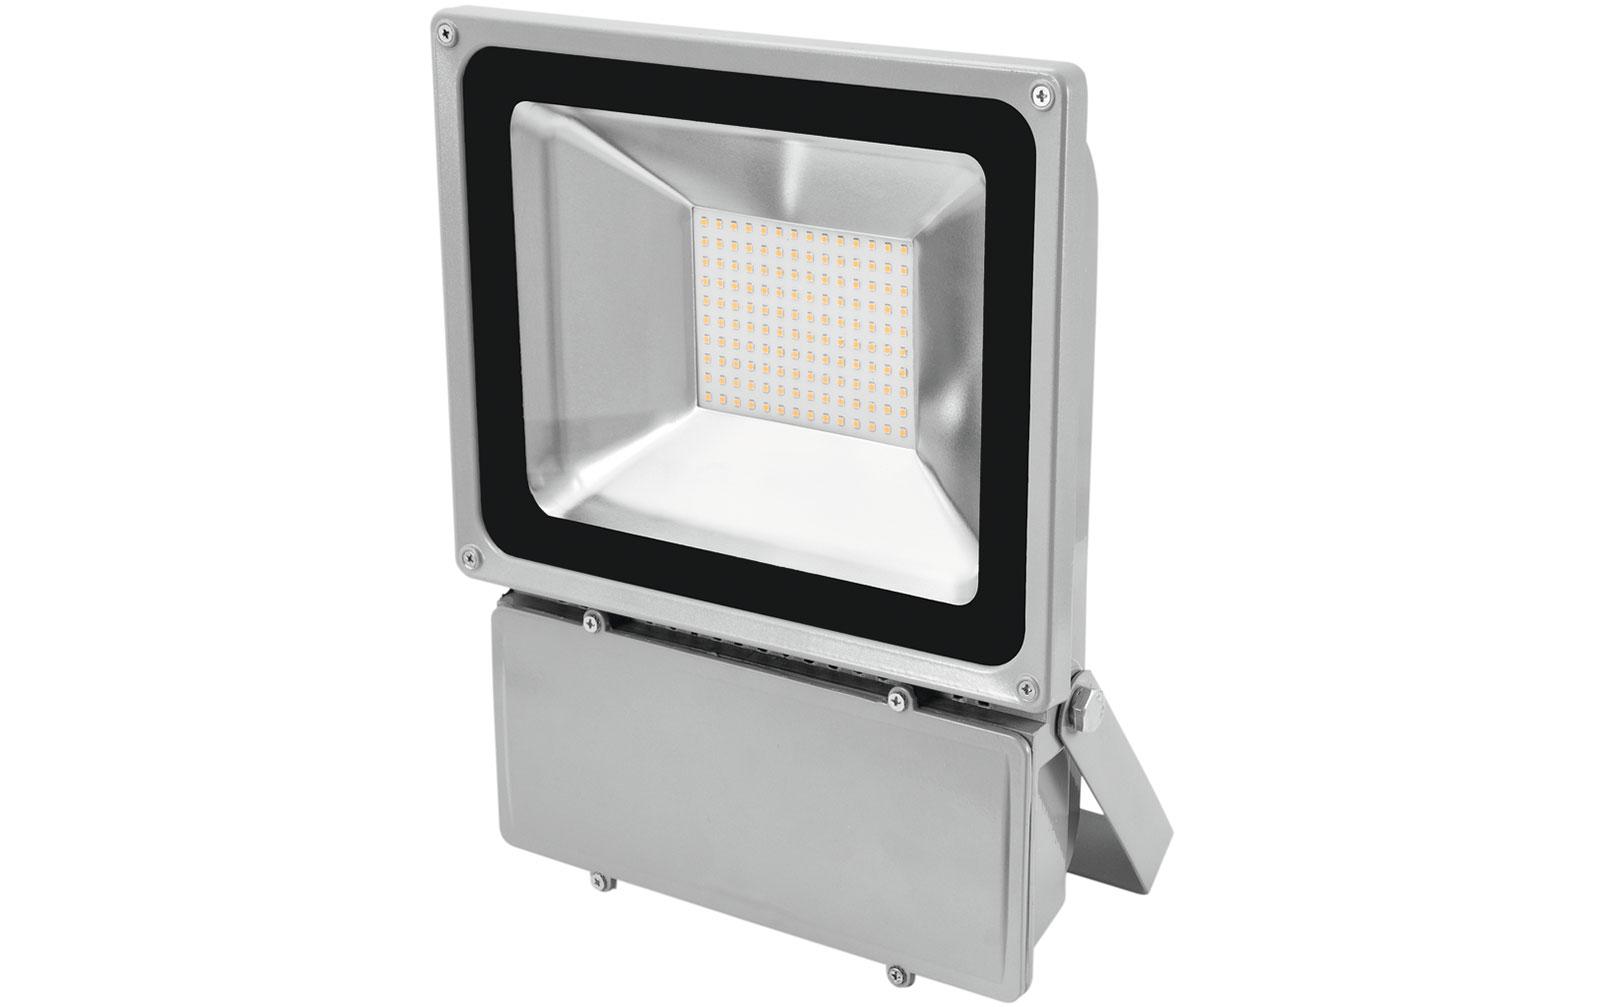 eurolite-led-ip-fl-100-6400k